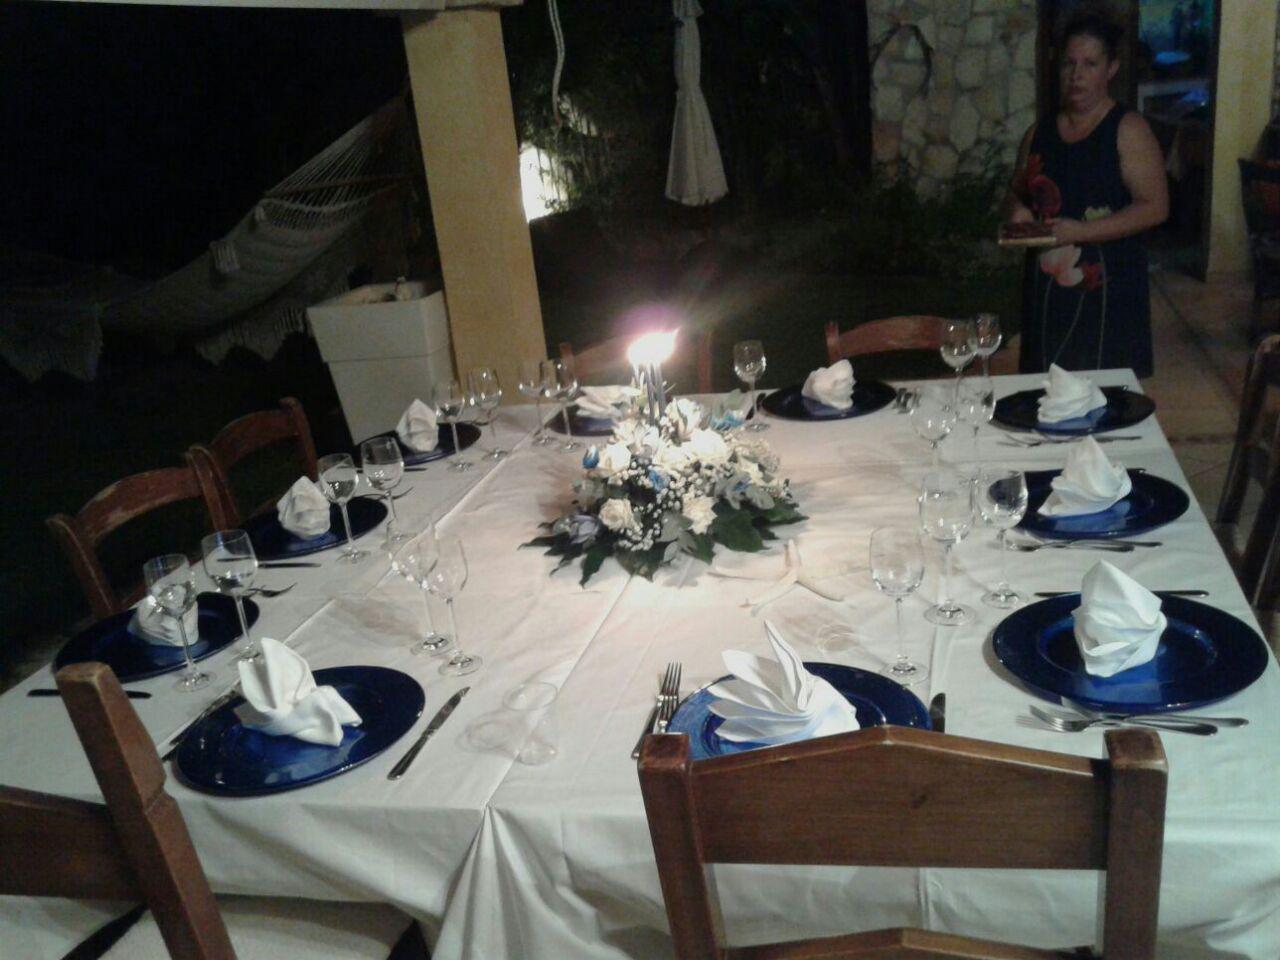 tavolo apparecchiato